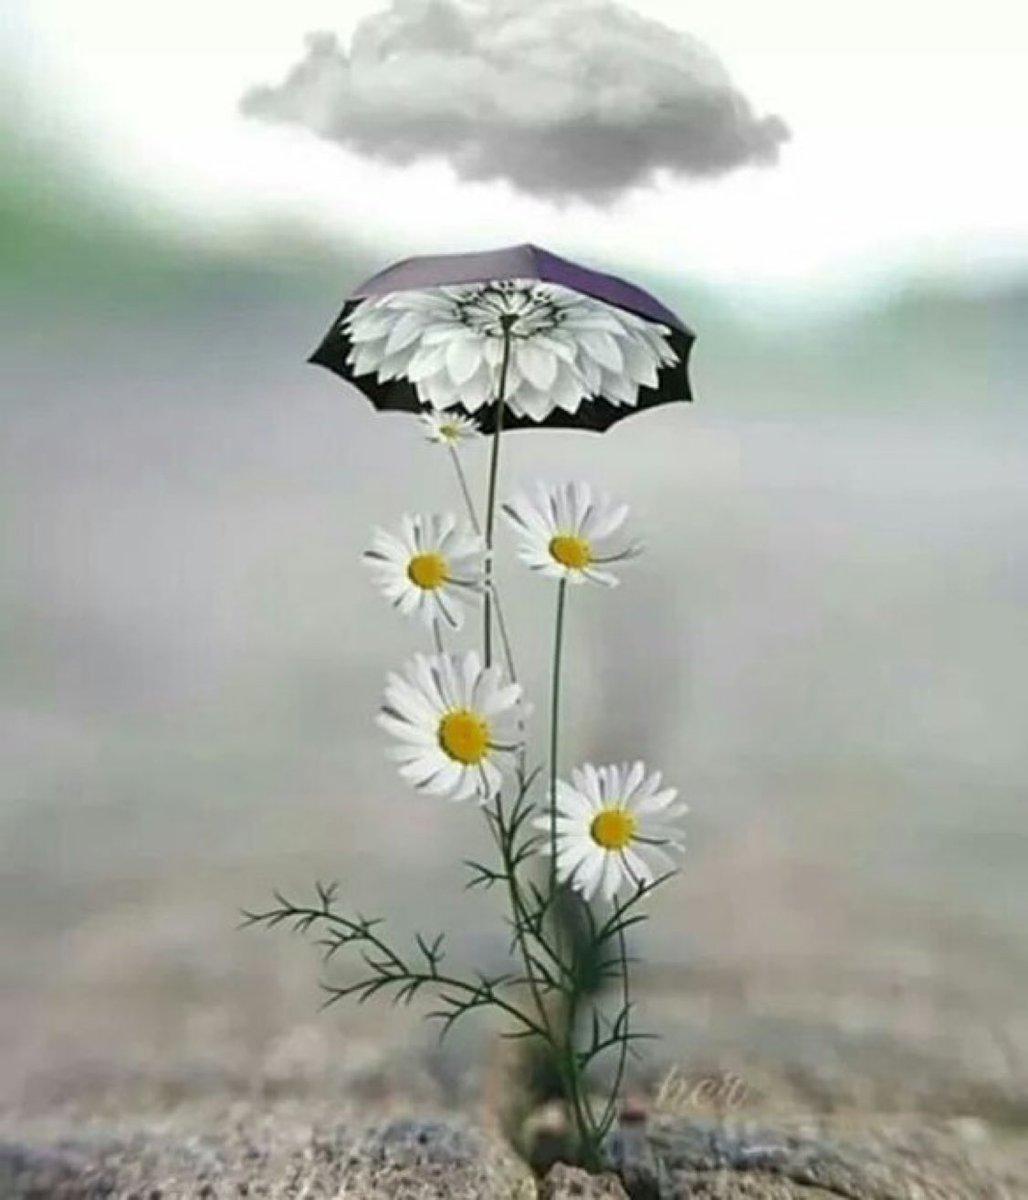 Дождливое утро картинки красивые необычные, обучение открытка